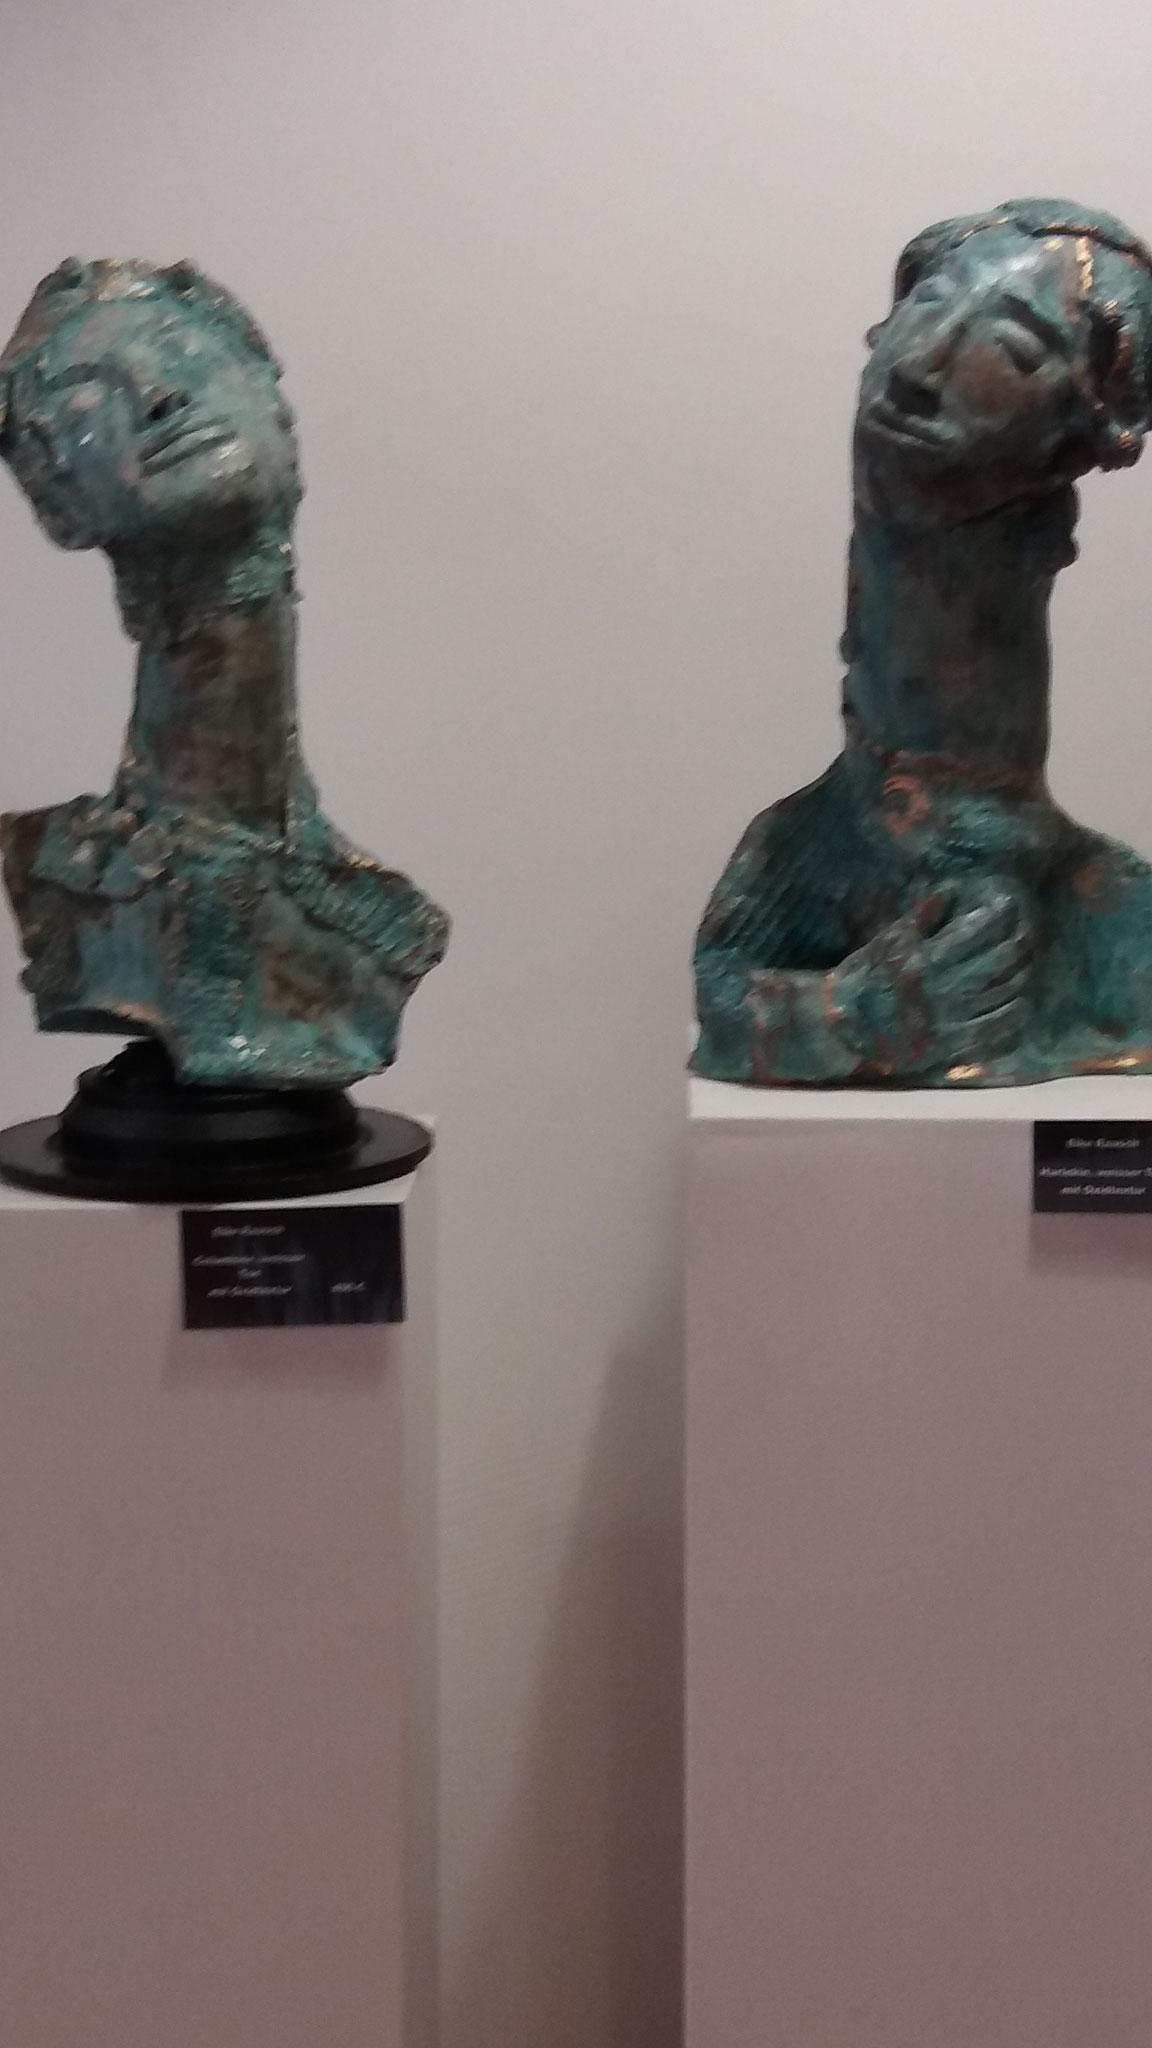 Harlekin und Columbine in der Ausstellung